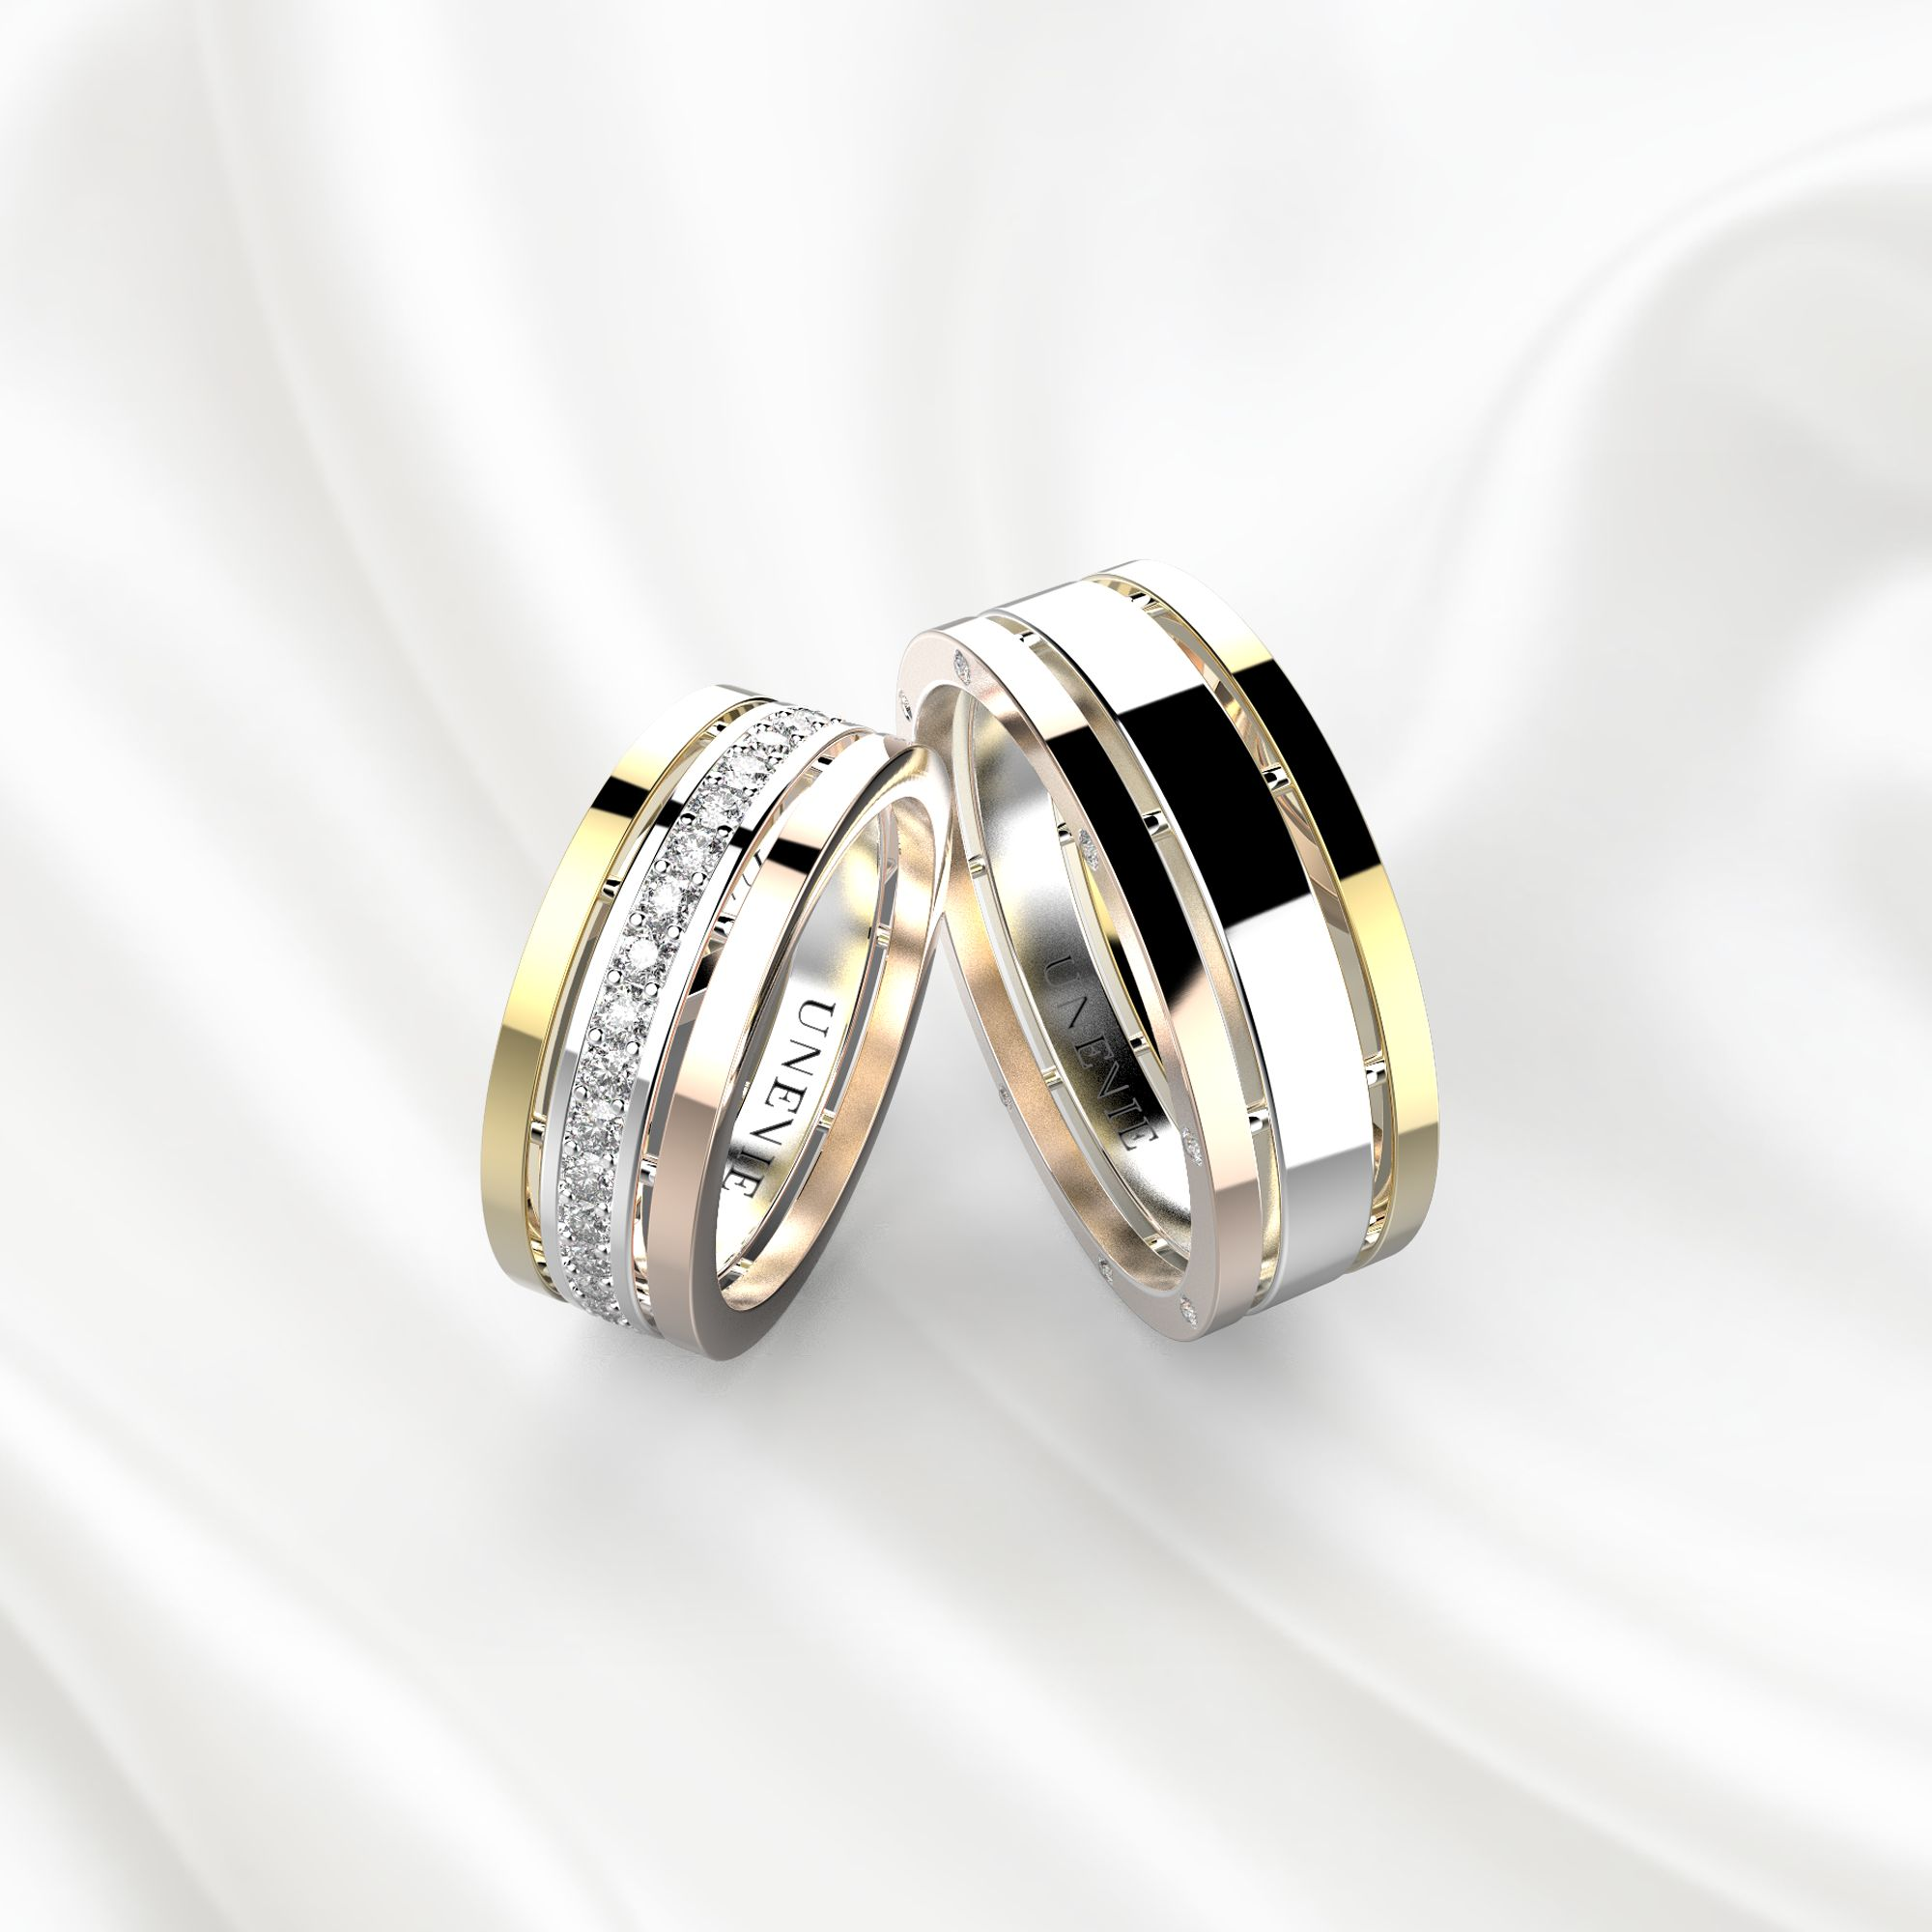 NV3 Обручальные кольца из золота трех цветов